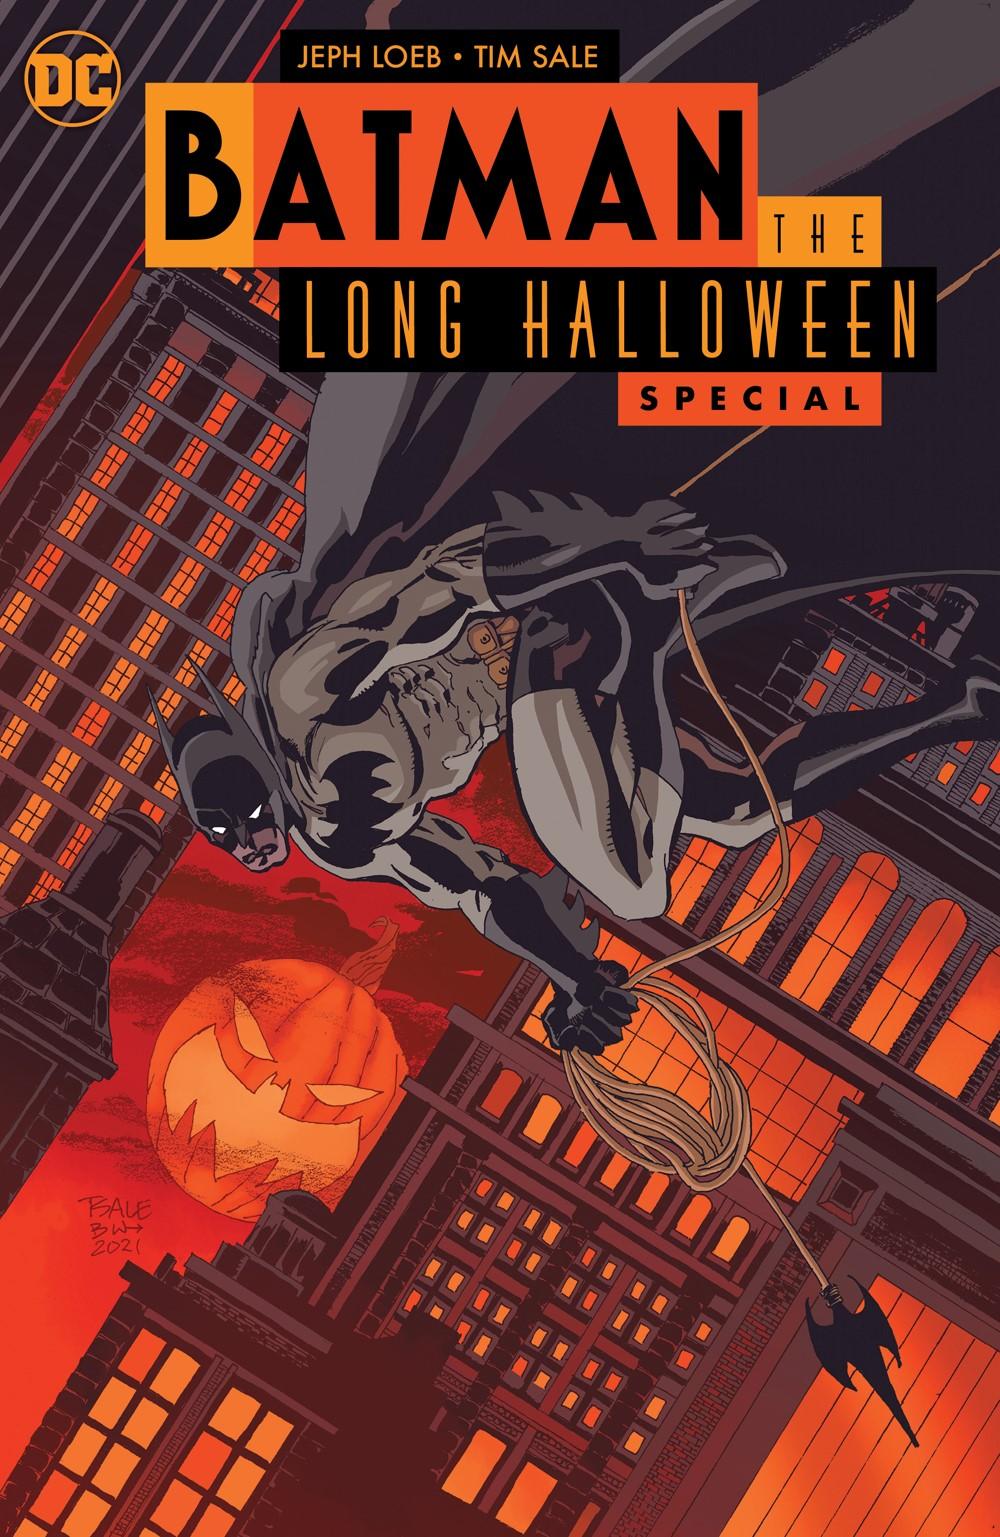 BMTLHS_Cv1_00111 DC Comics October 2021 Solicitations